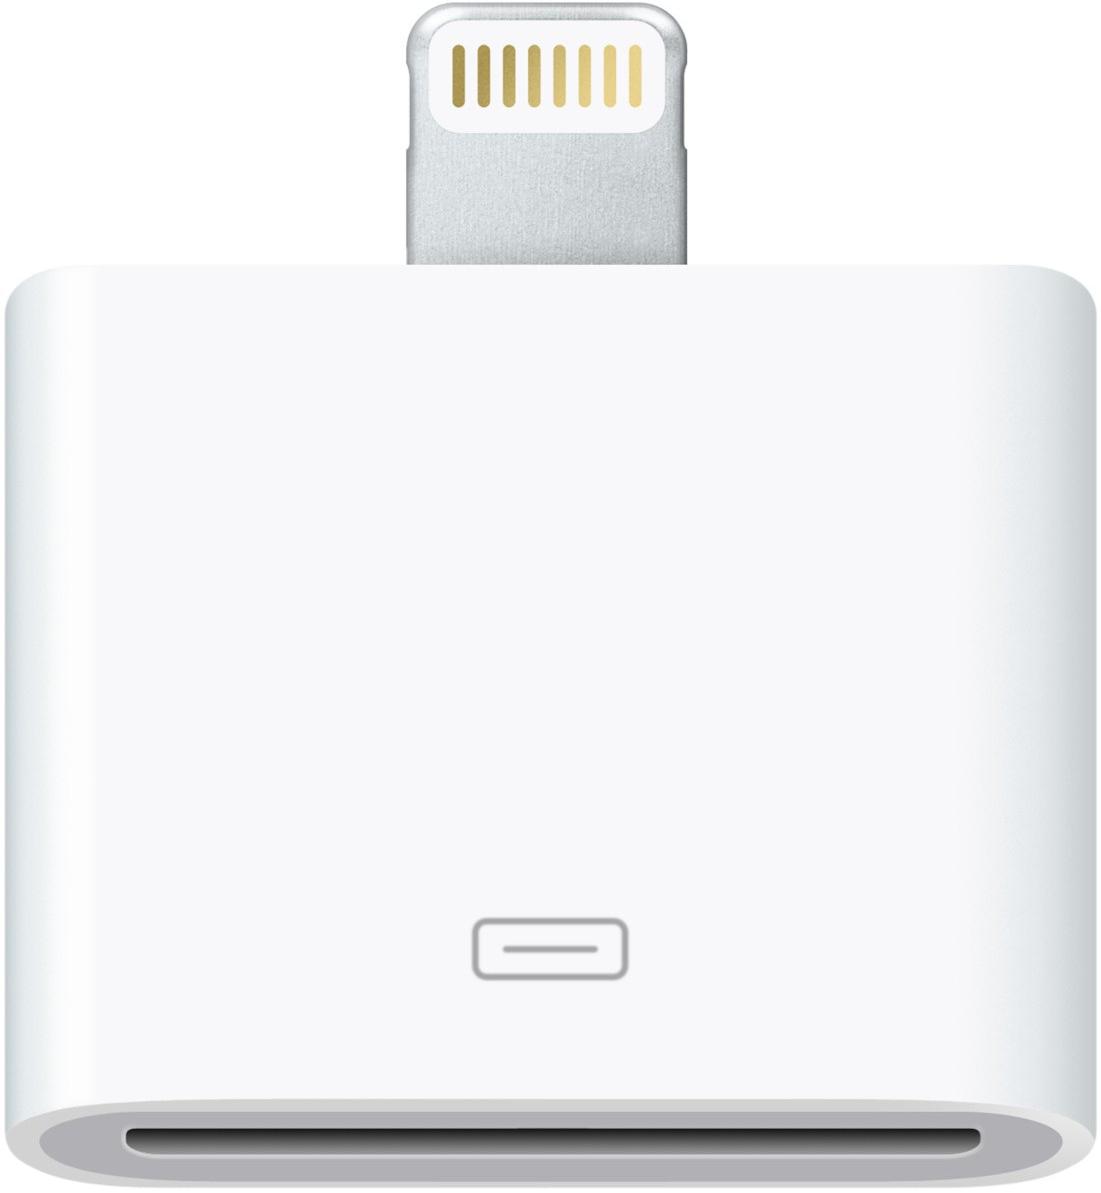 Адаптер-переходник MD823ZM, белый